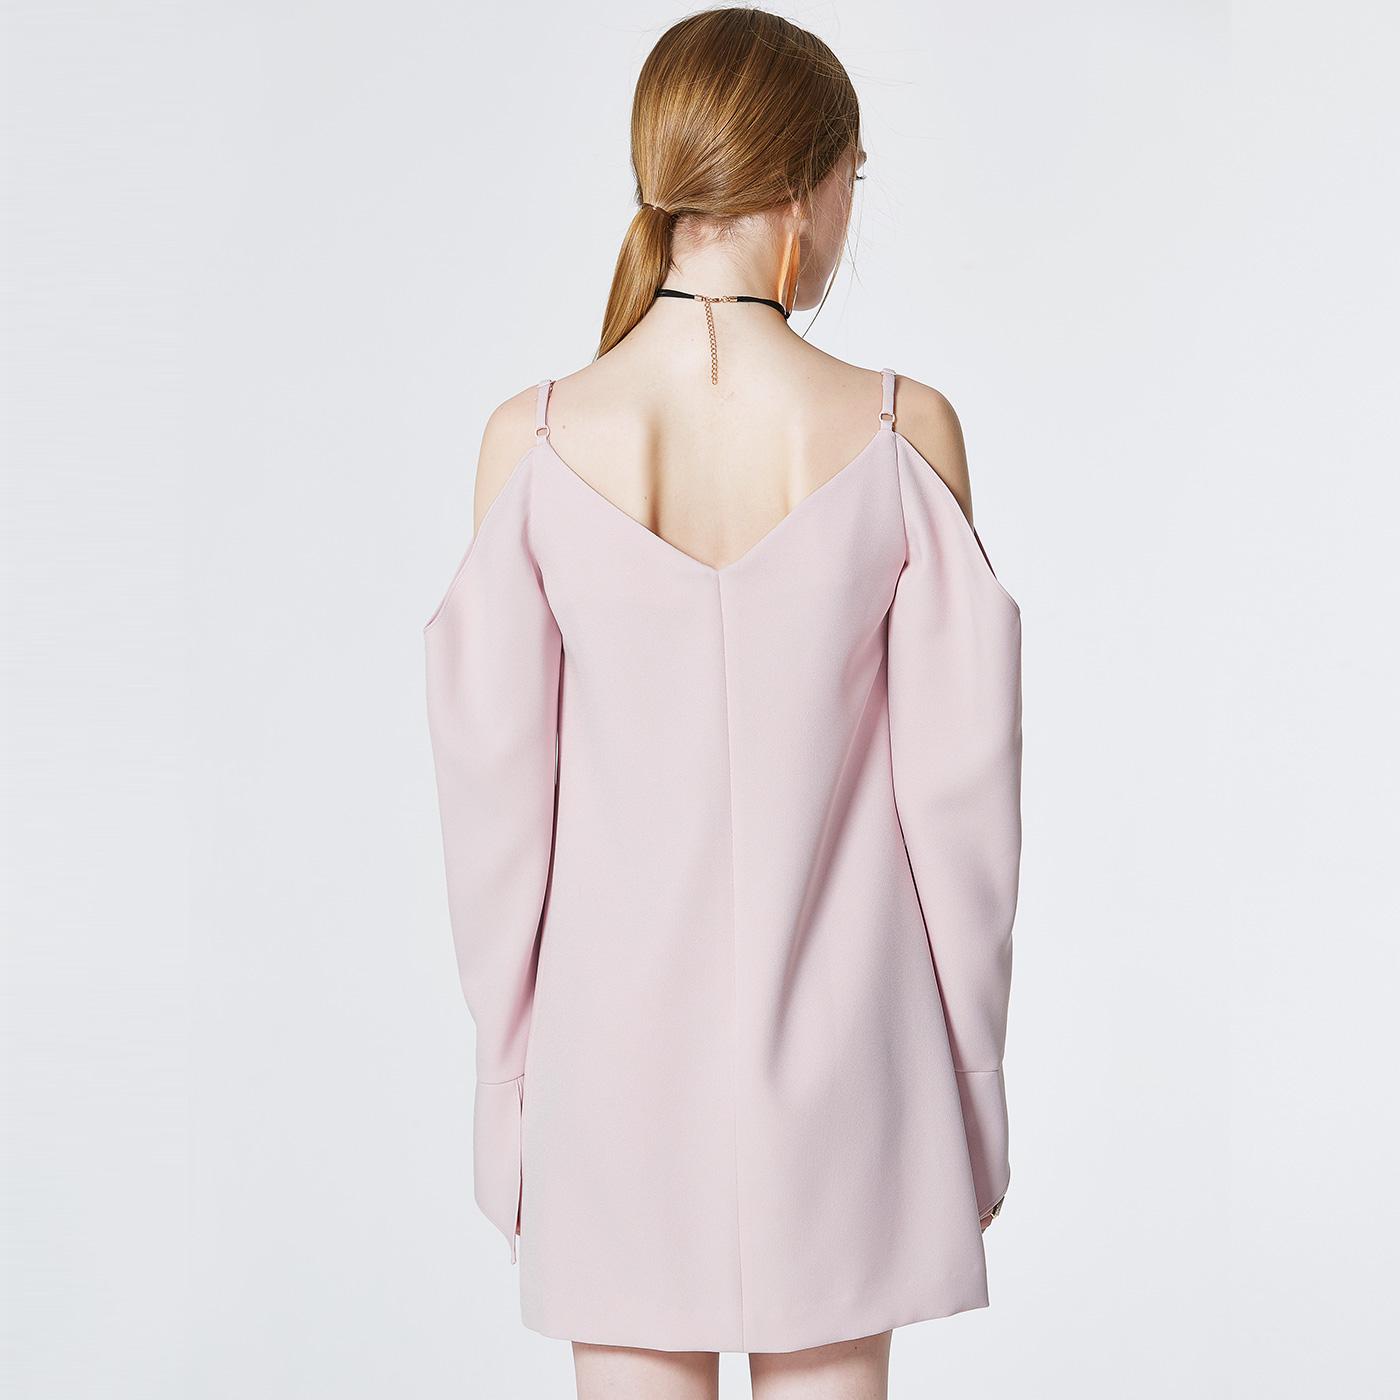 糖力 春装新款欧美女装粉色吊带露肩开叉长袖V领连衣裙中长款裙子